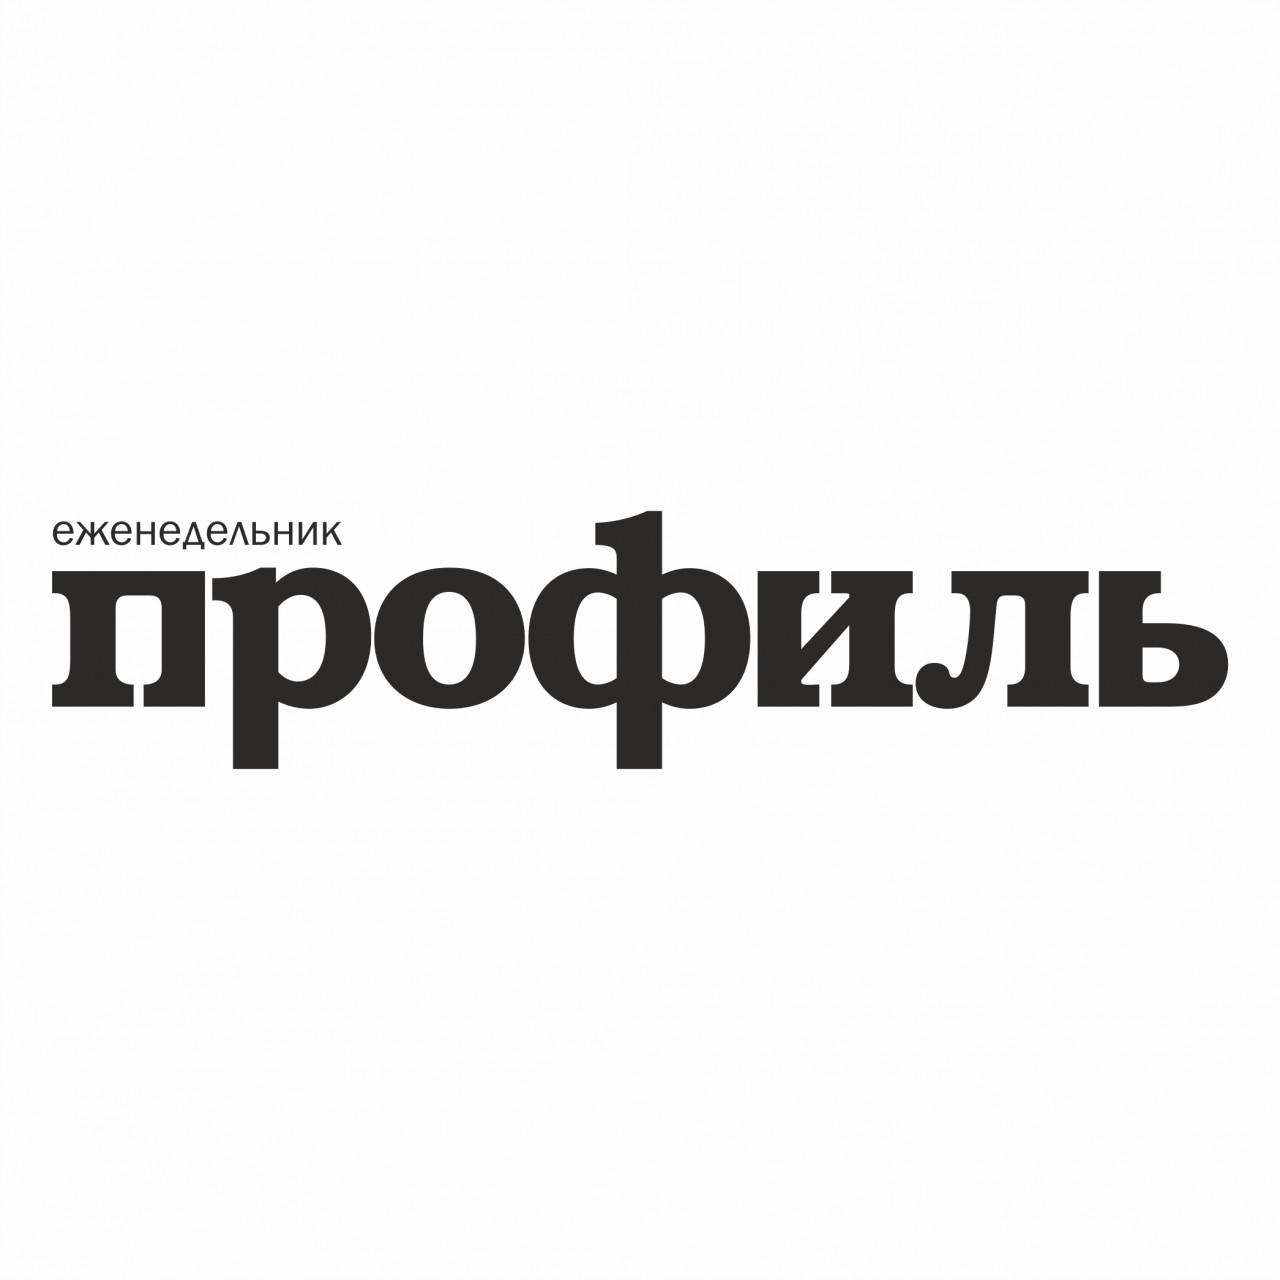 Глава «Роснефти» объяснил высокие цены на бензин